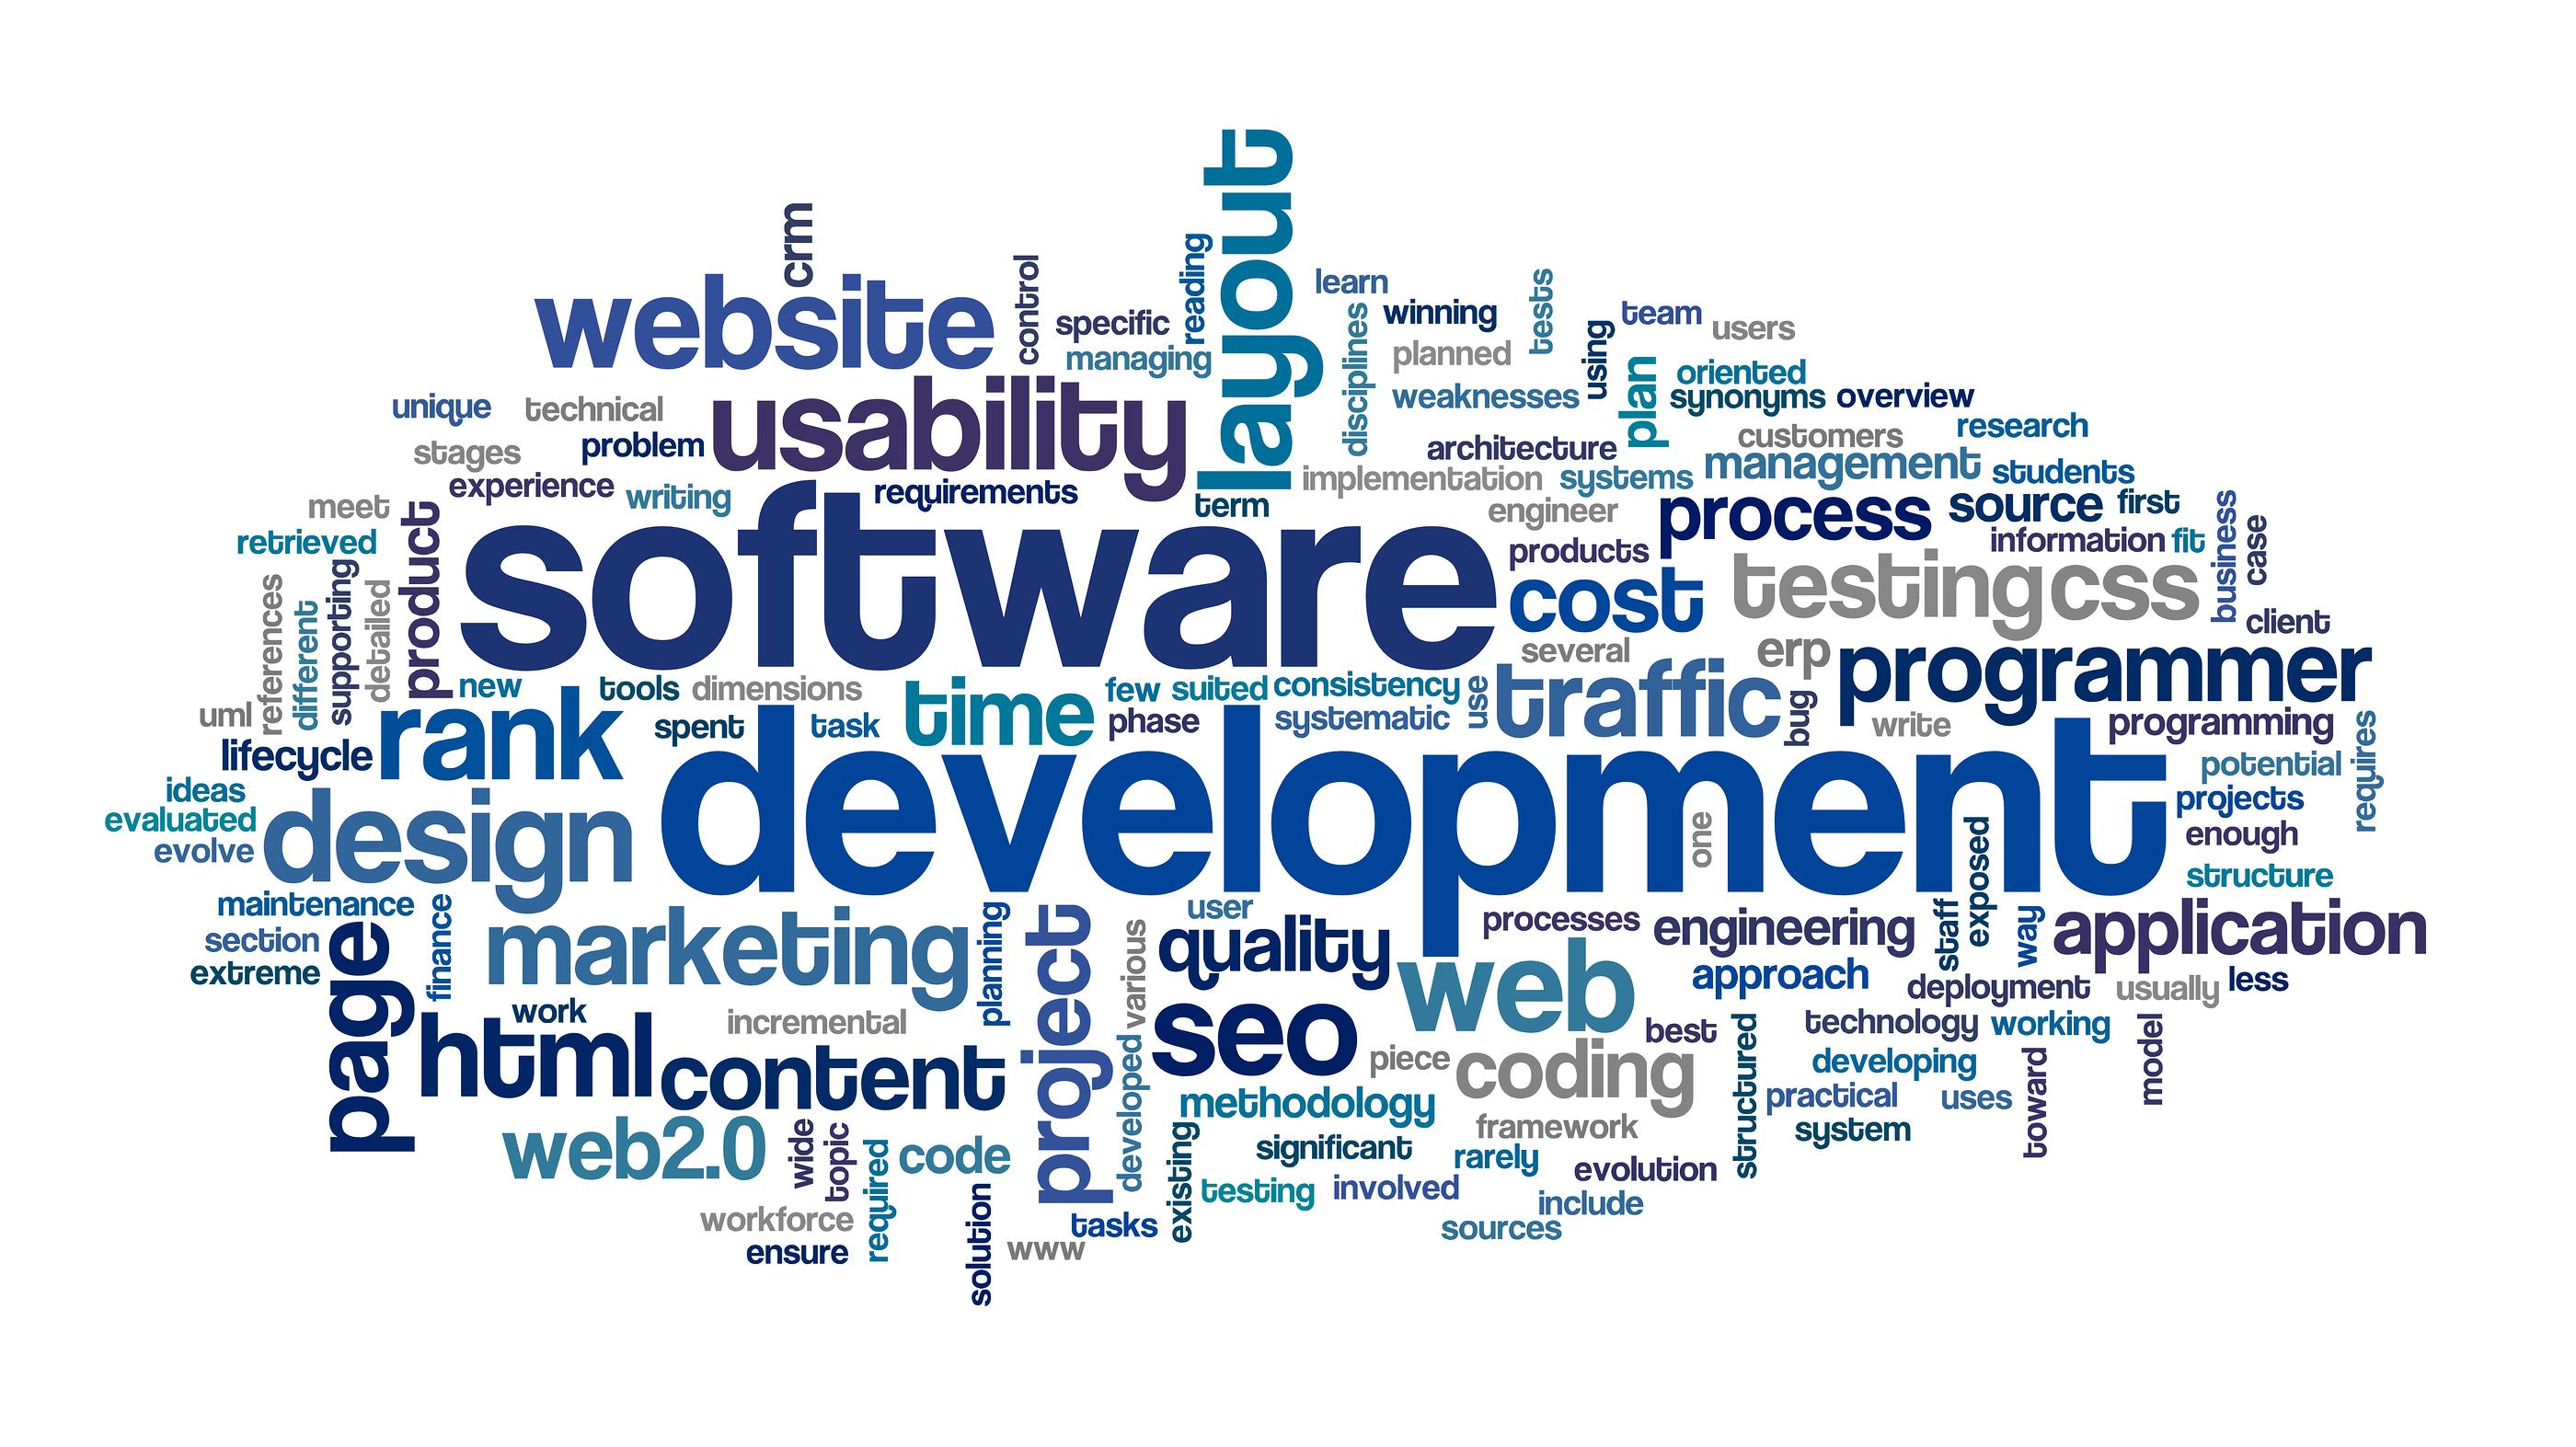 80 + Cursos en Inglés. Sobre Hacking, Programación, Marketing. Metodologías, Etc